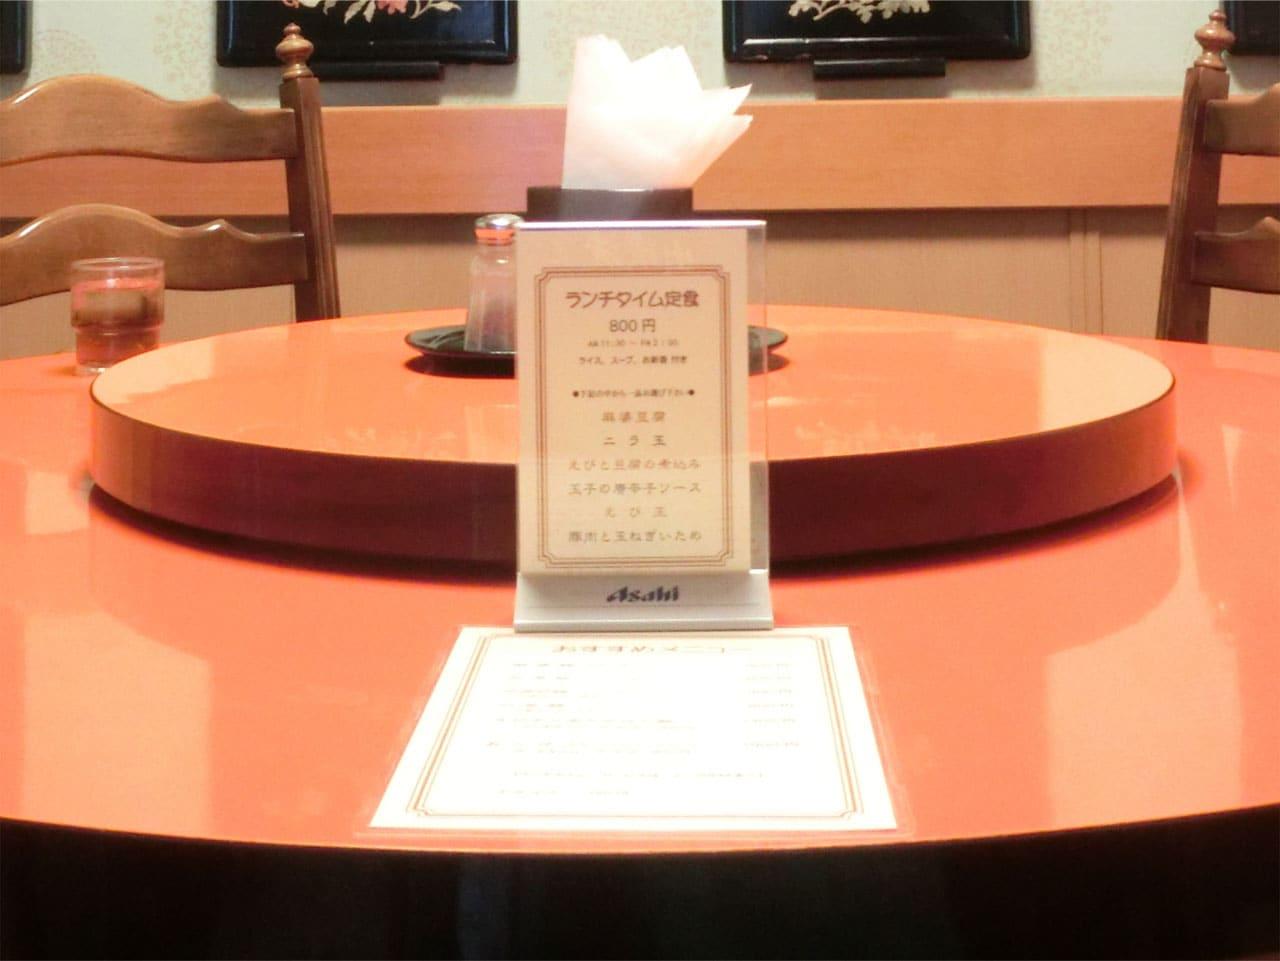 特殊ワックス取扱店「中国料理 昇龍」さん